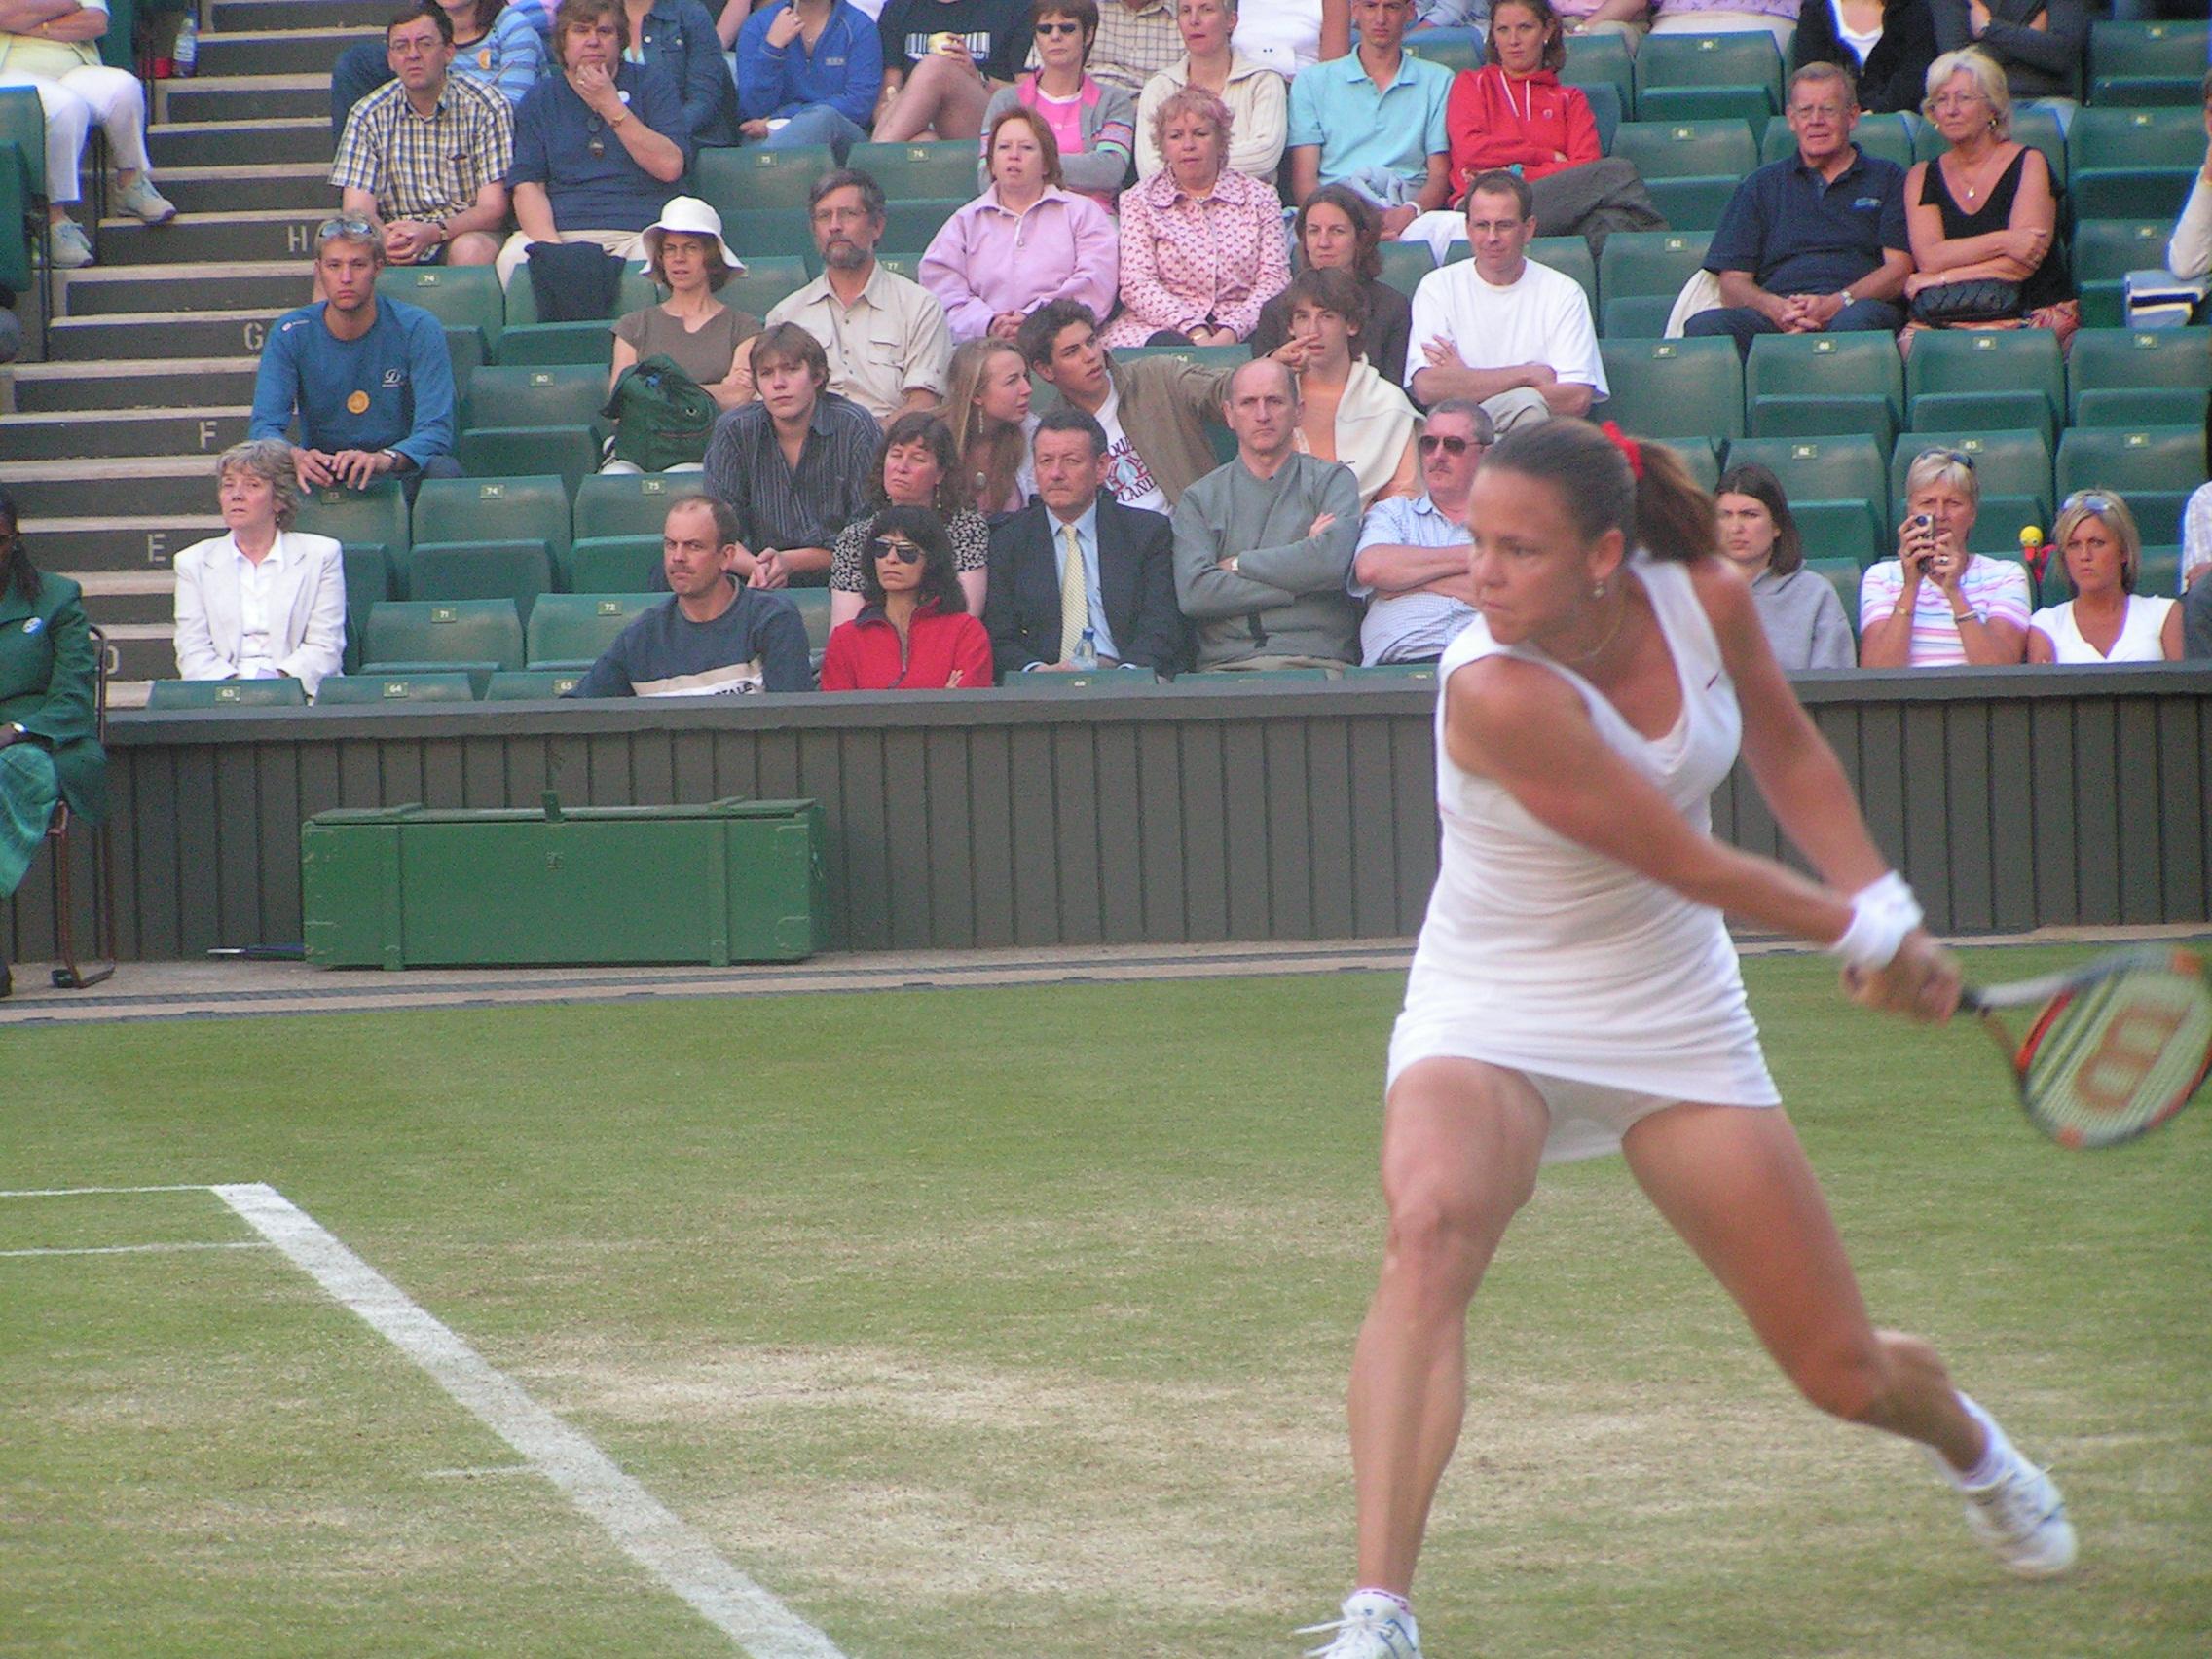 Lindsay Davenport at Wimbledon